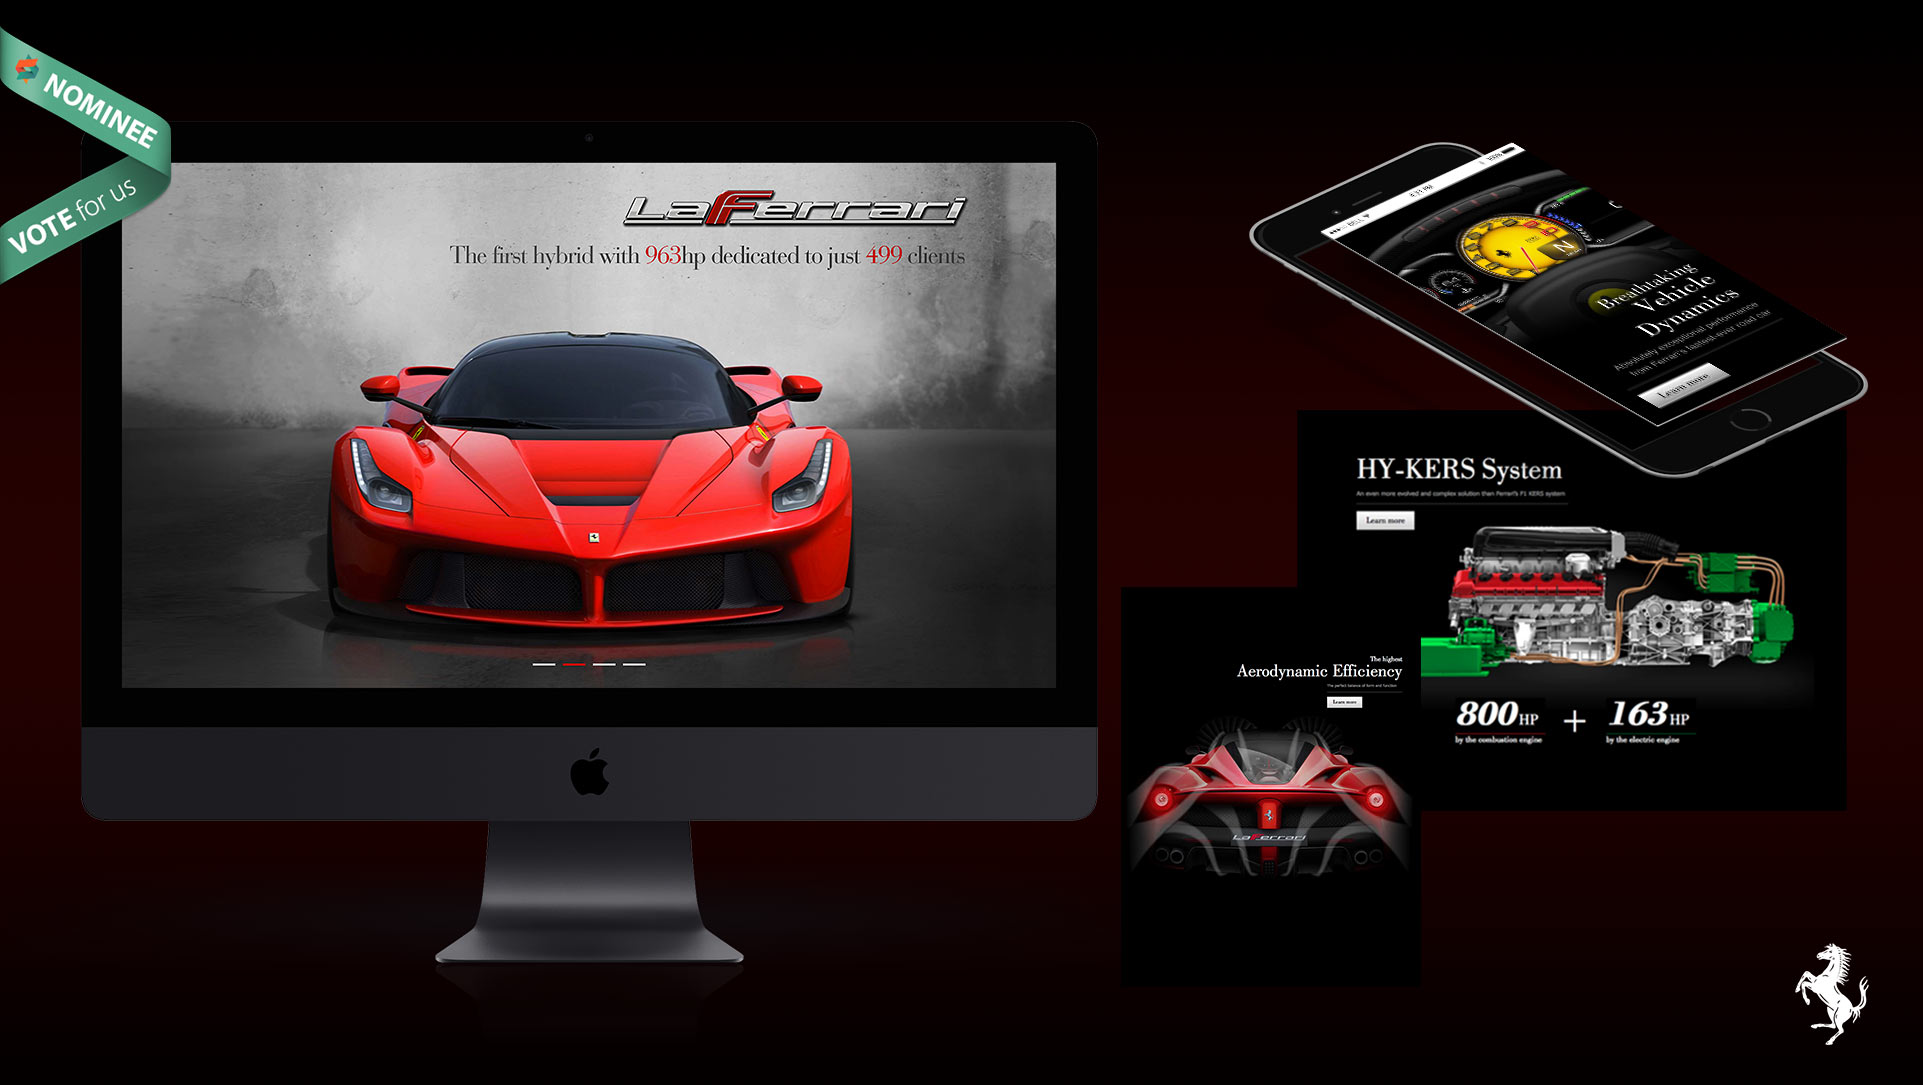 Ferrari La Ferrari Website